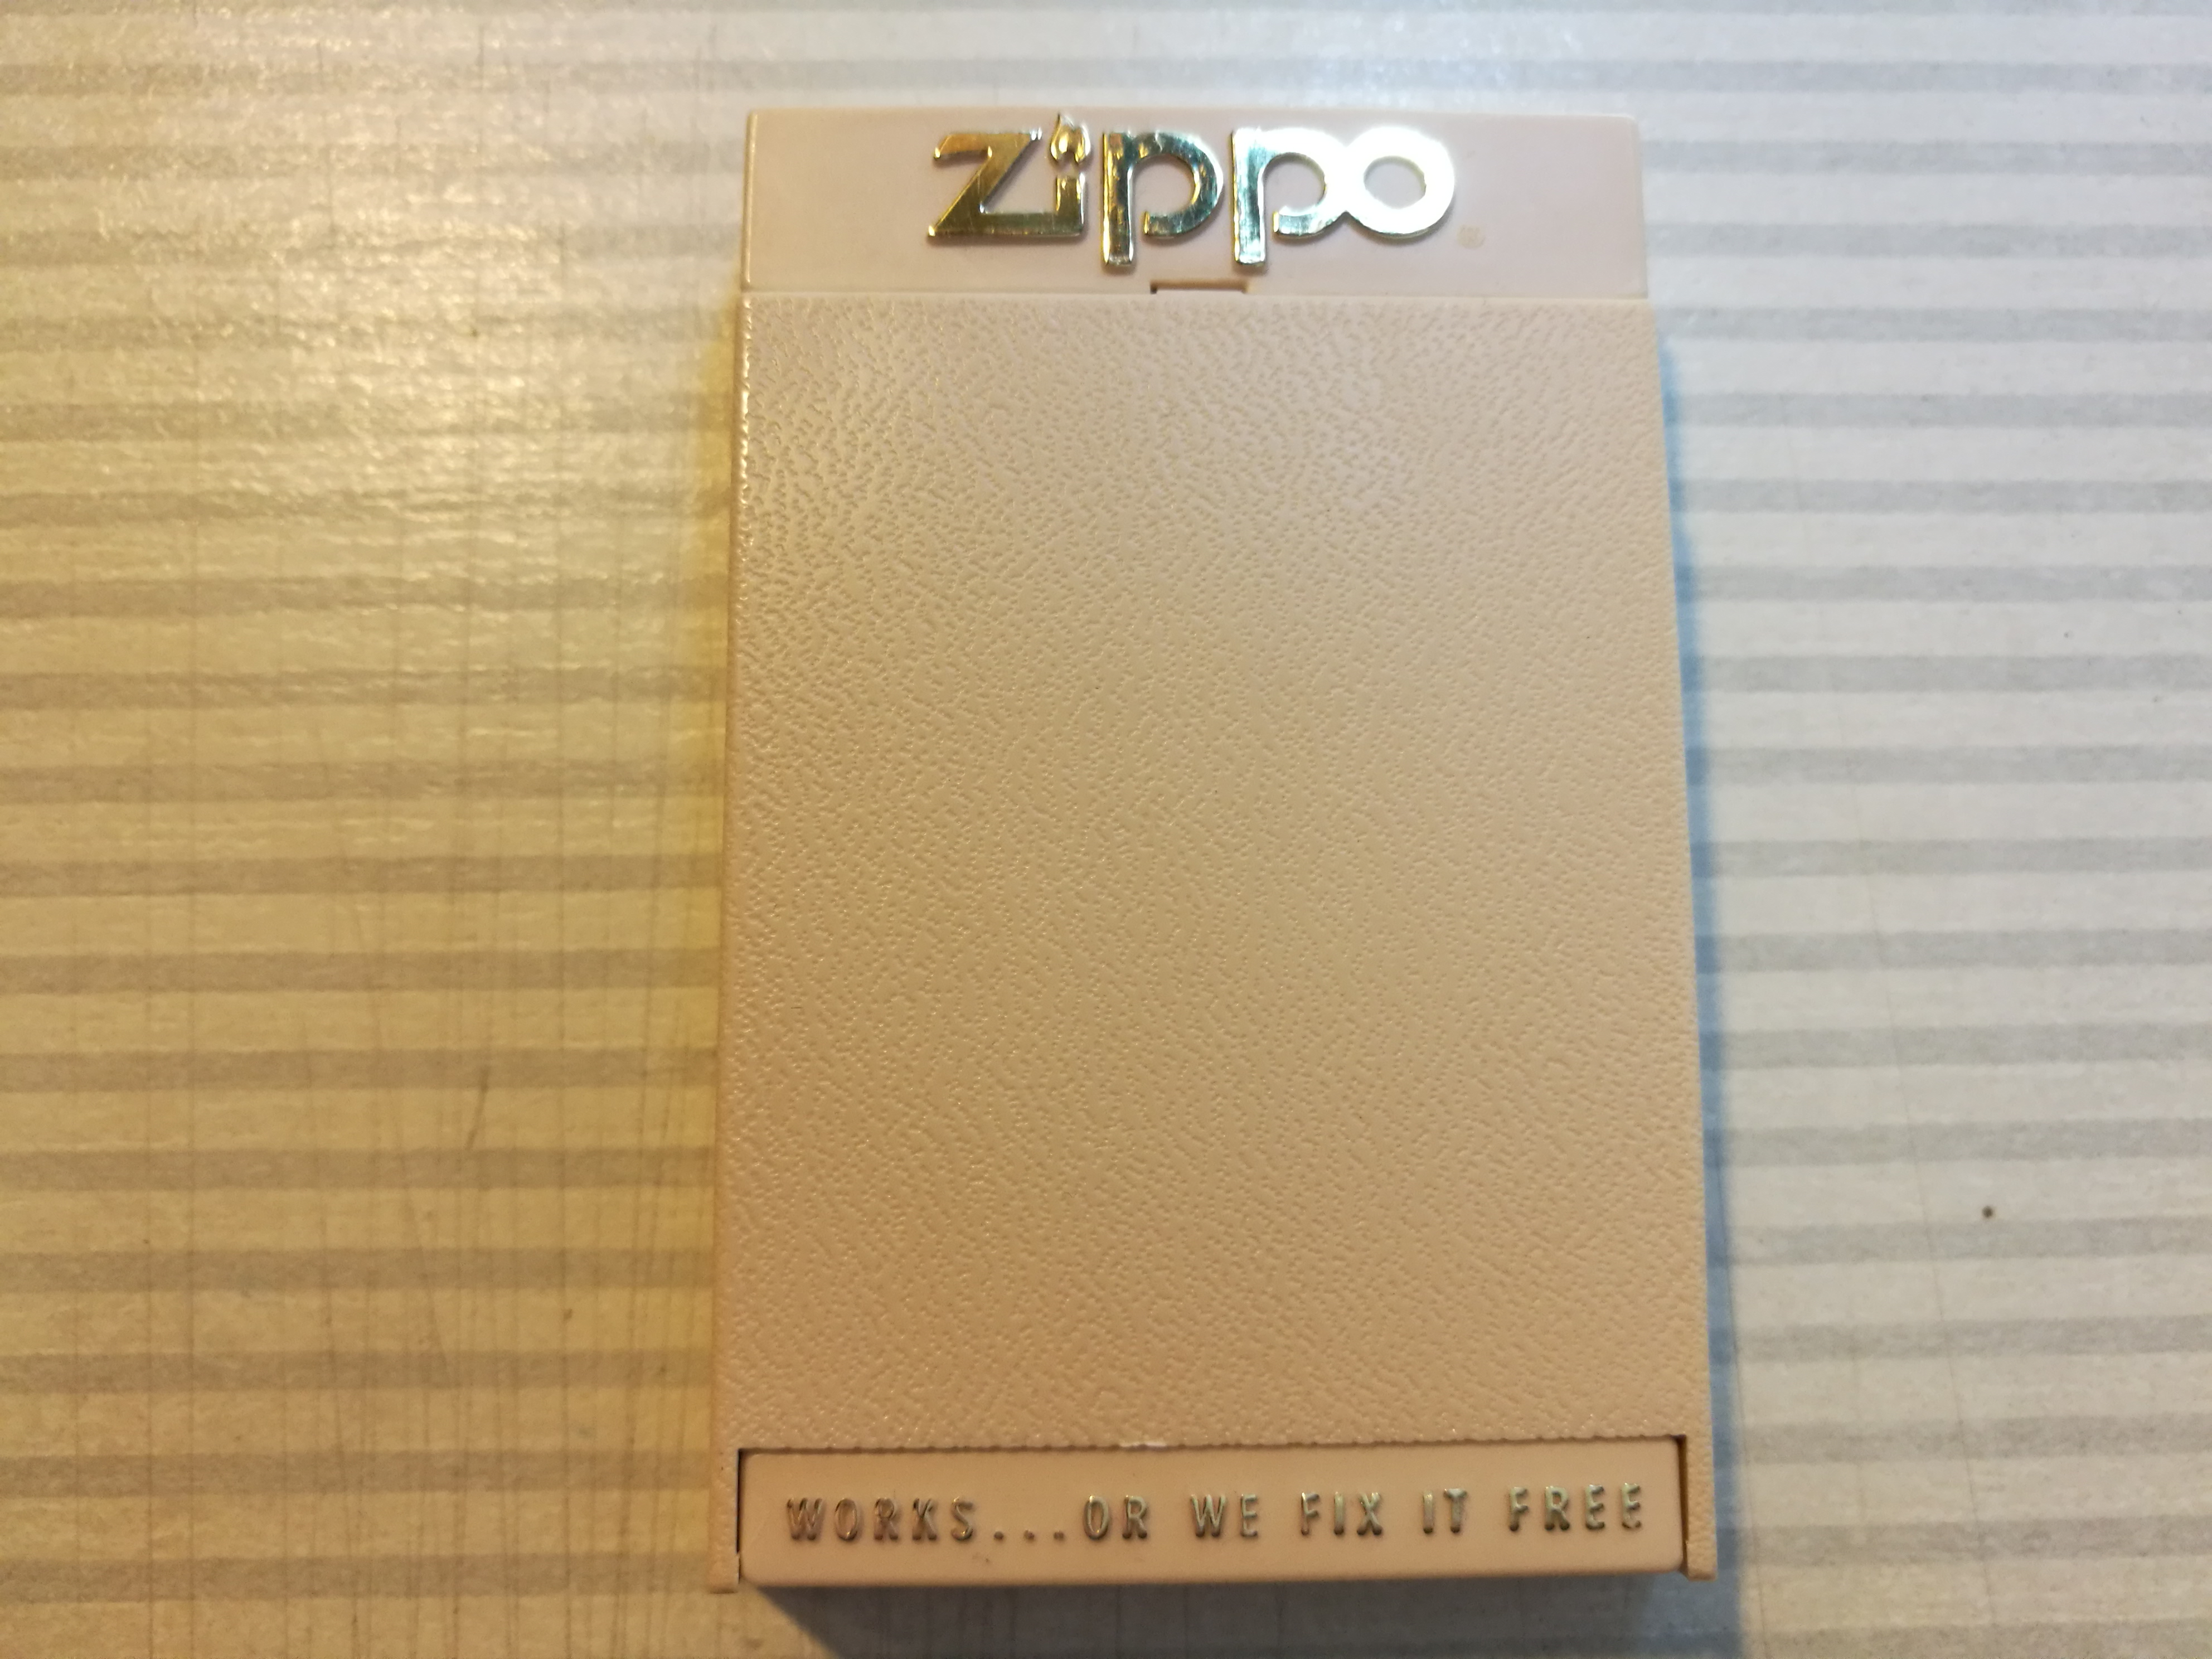 Dépot des boites ZIPPO de tout les foromeurs - Page 5 426680Boteregular19791